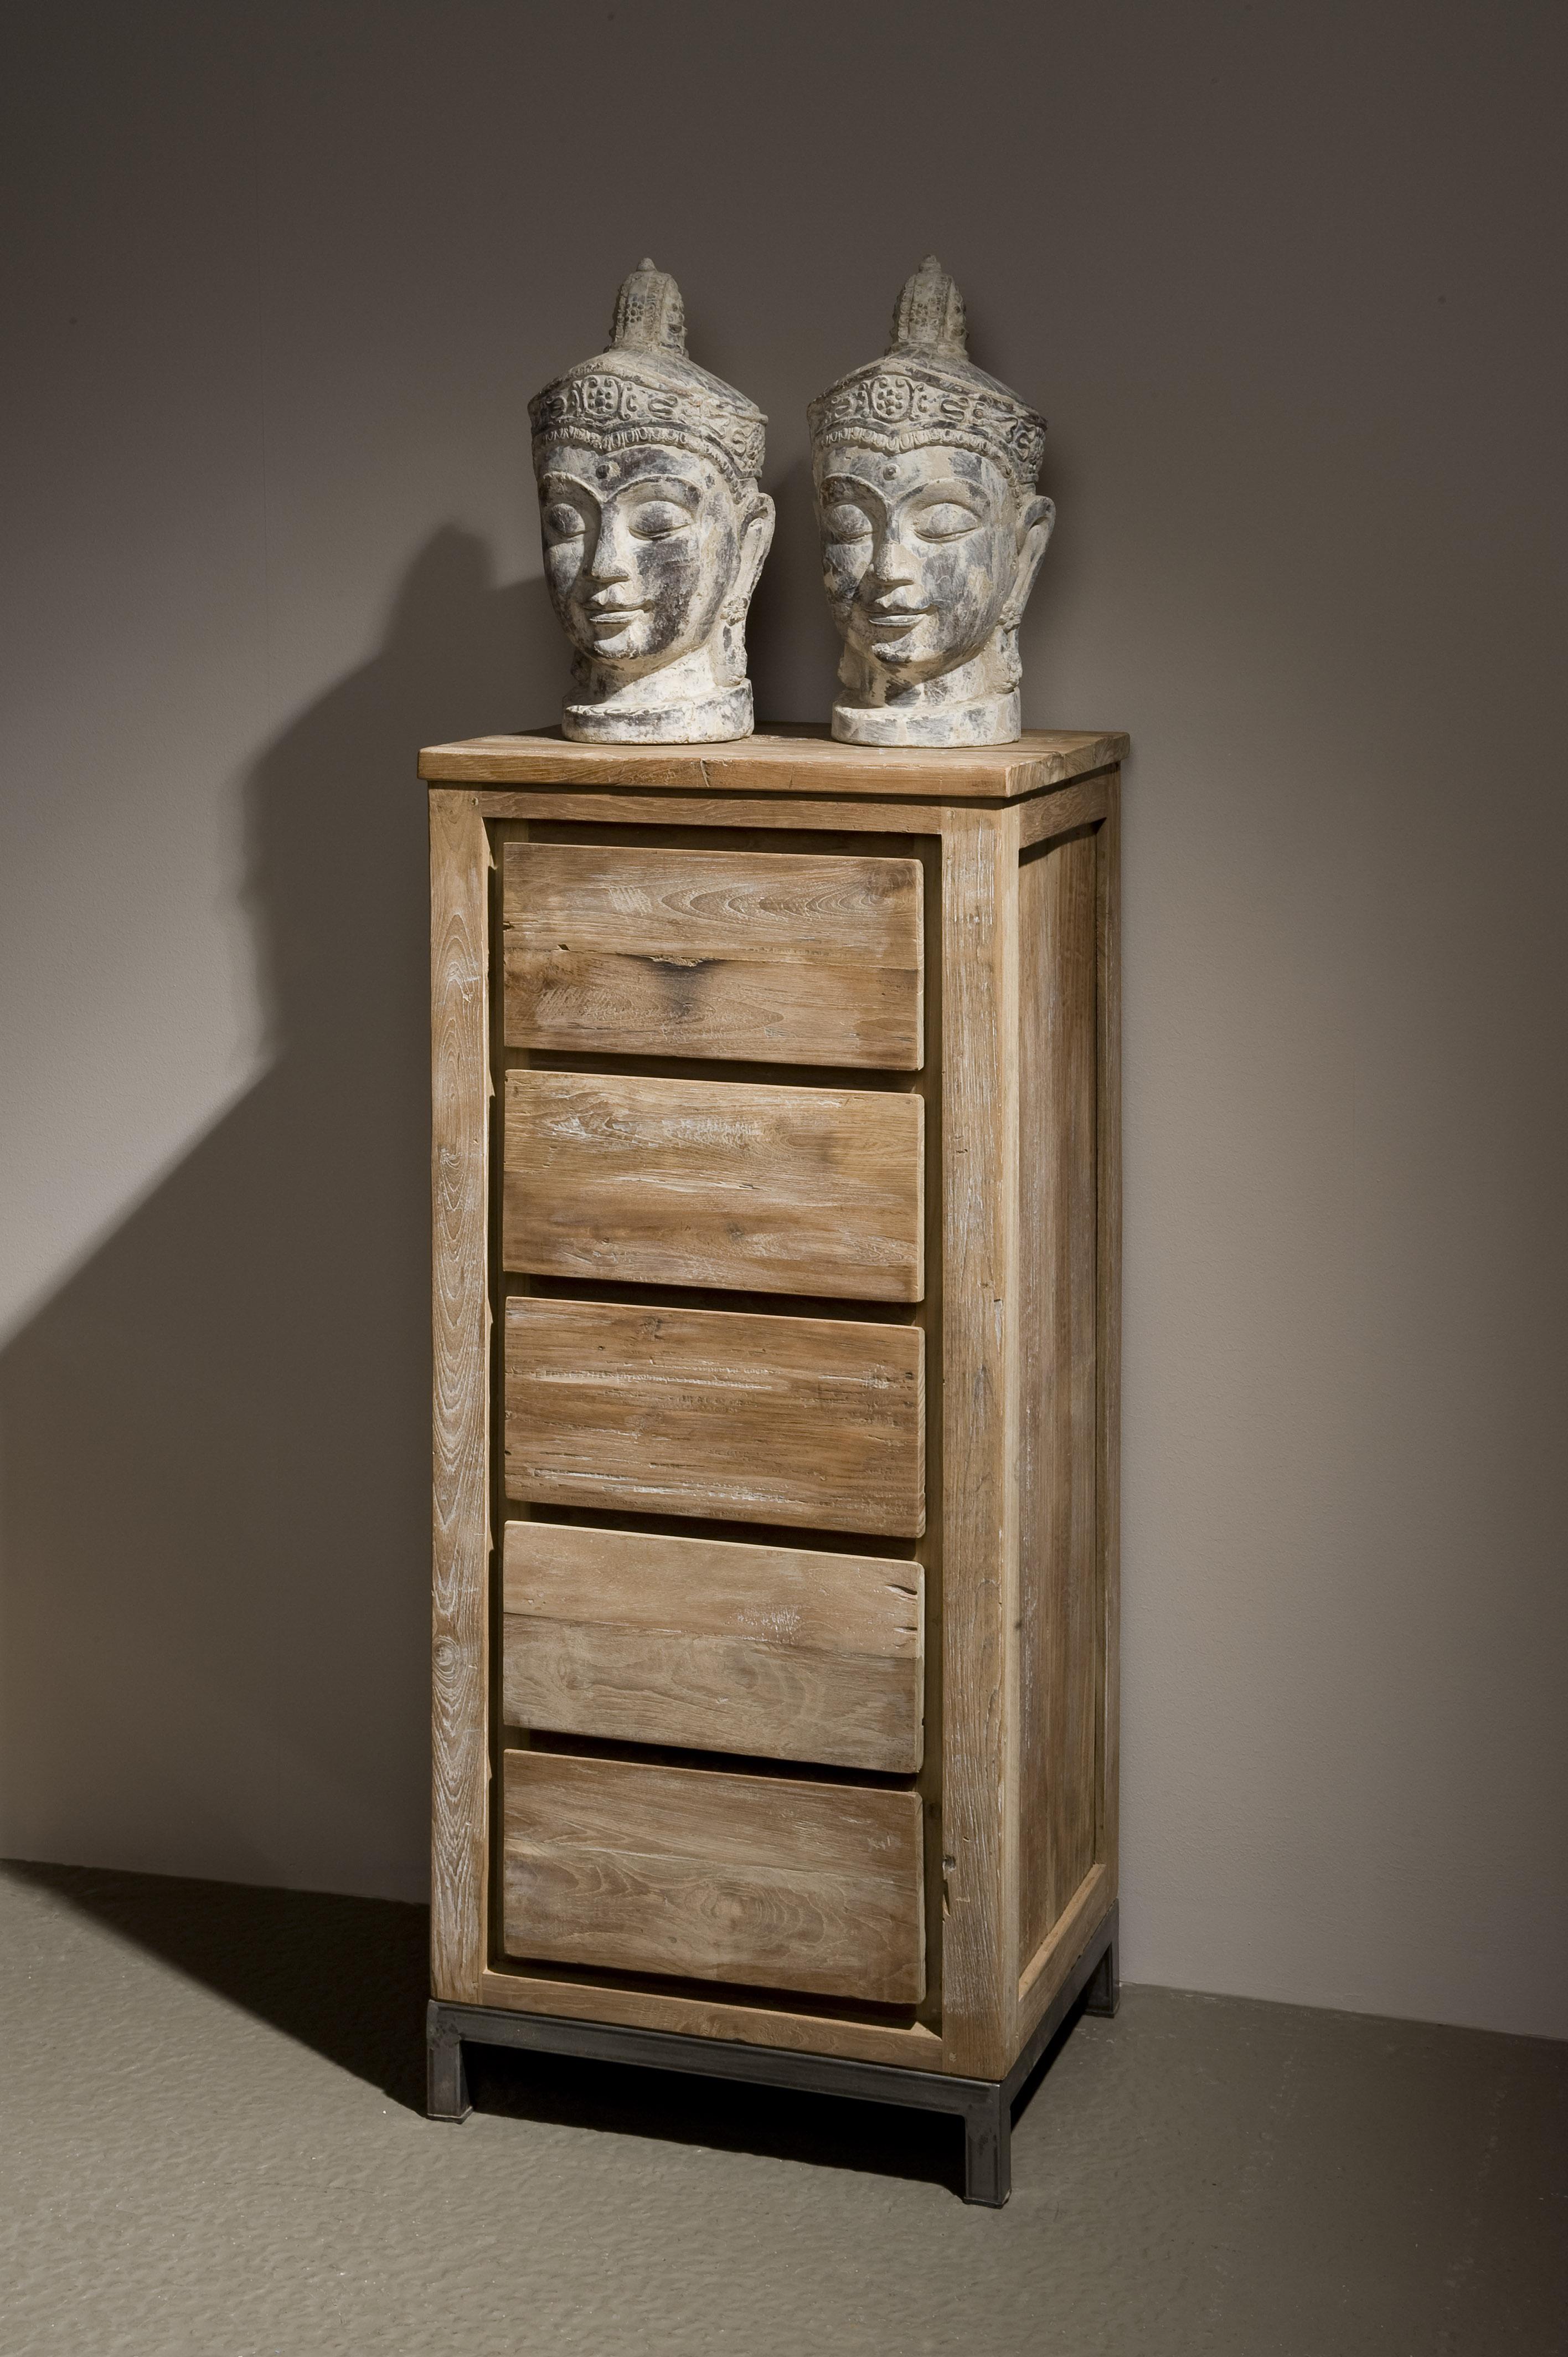 Chester boekenkast oud teak staal 50cm markus john - Eigentijdse boekenkast ...